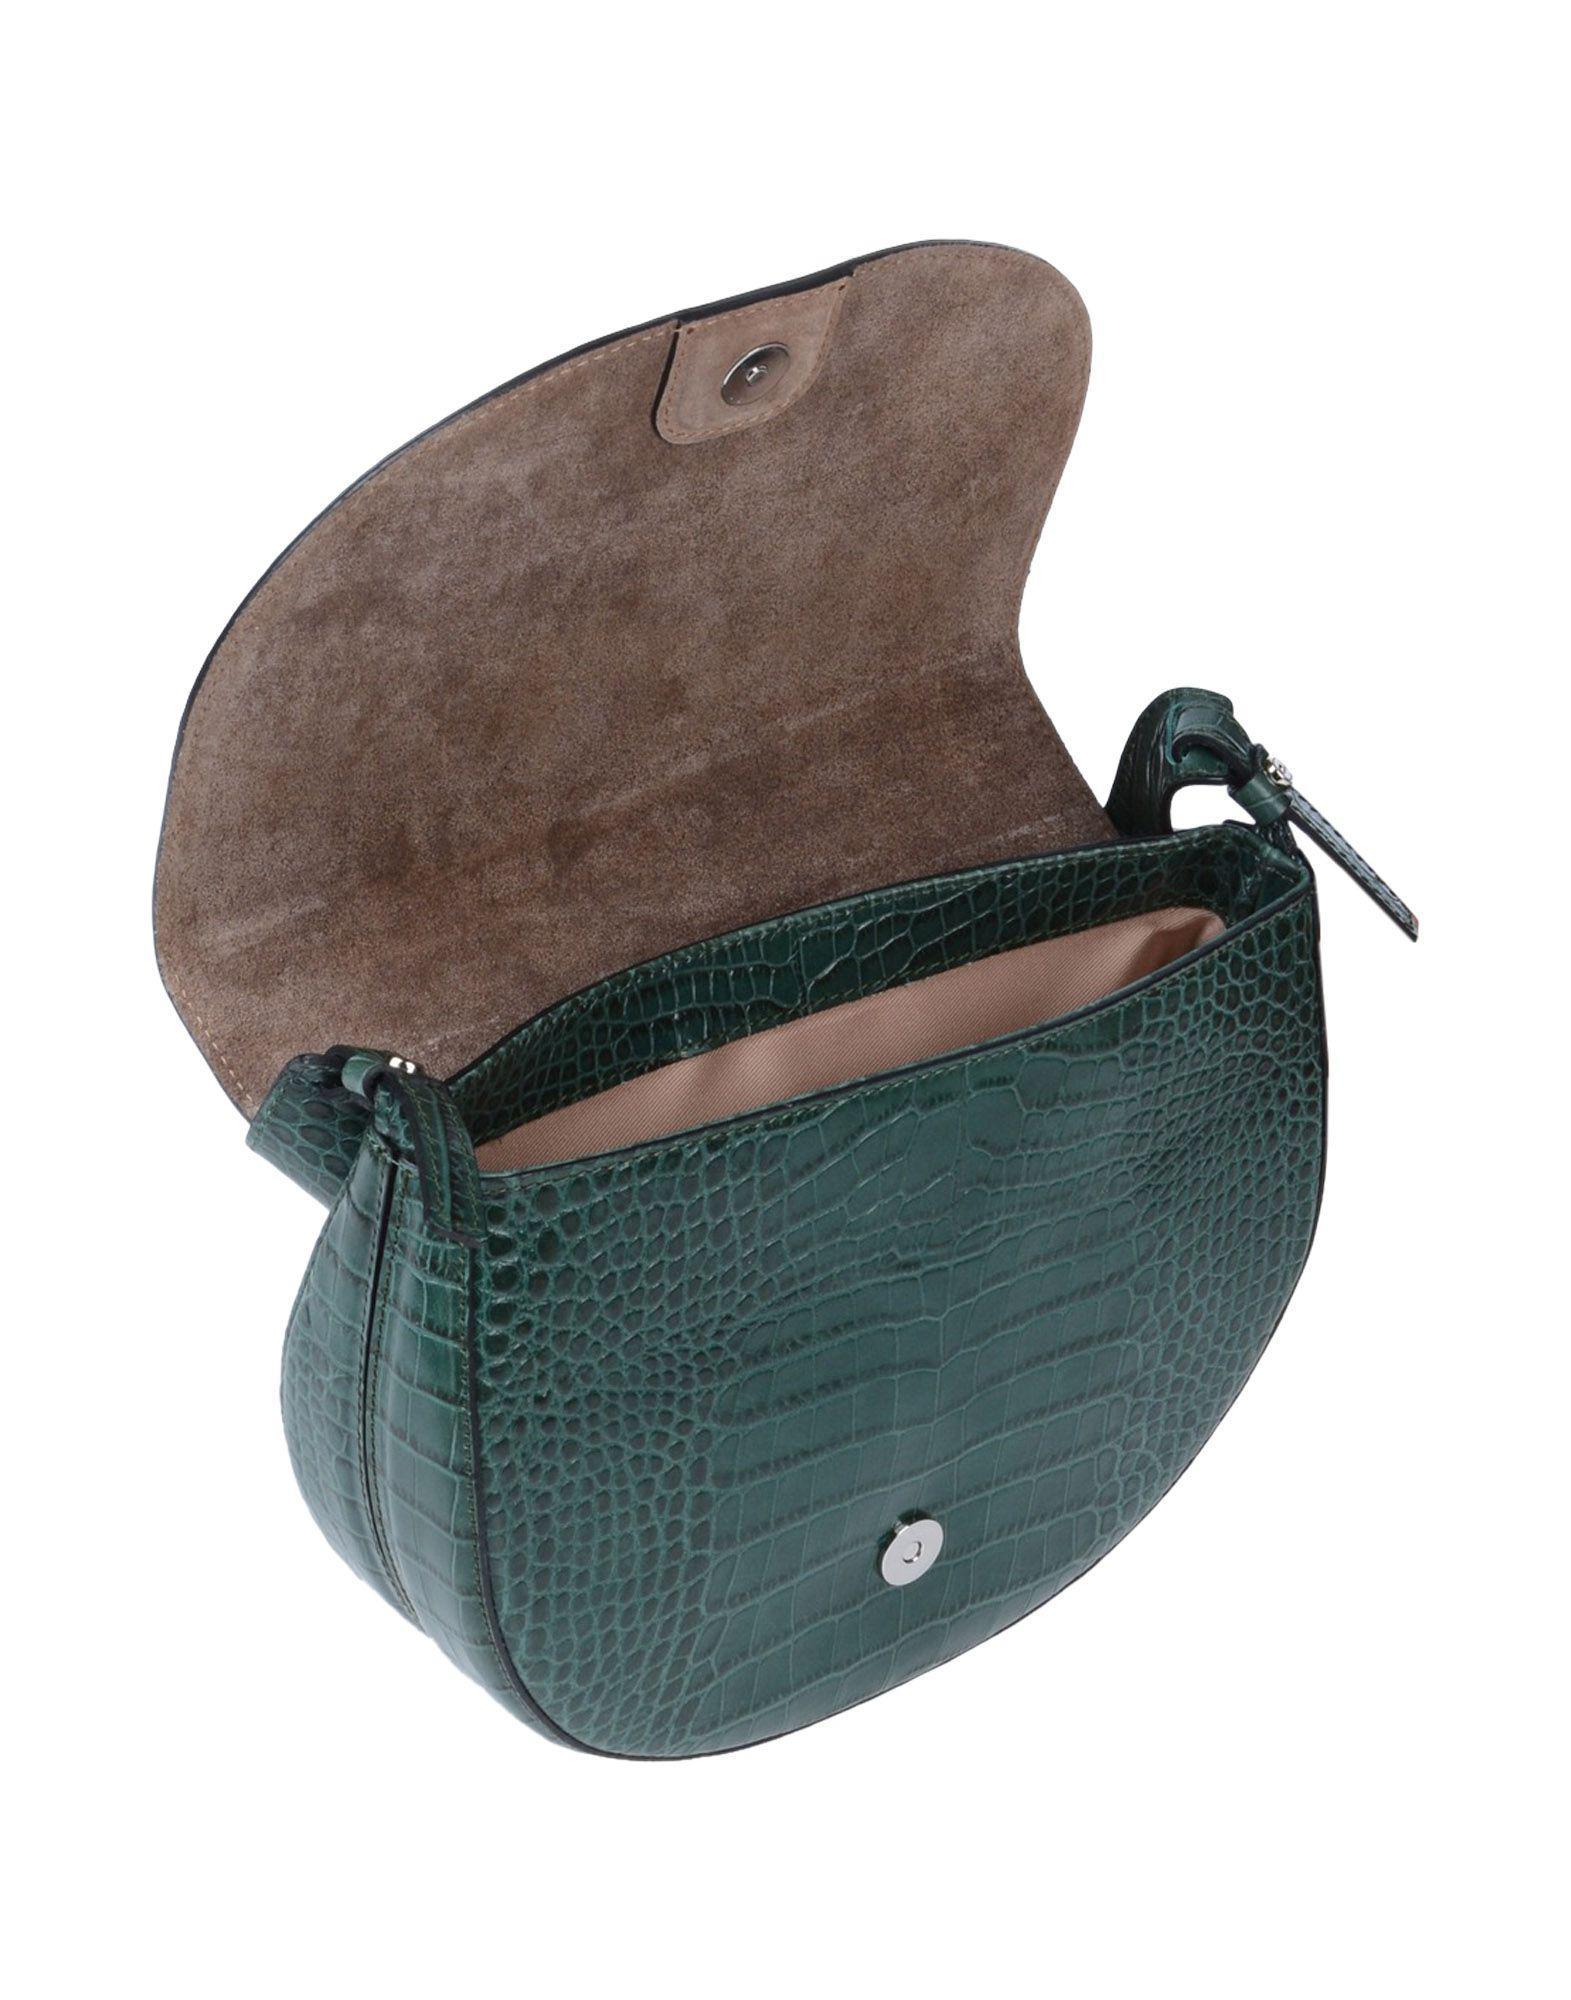 Gianni Chiarini Leather Cross-body Bags in Emerald Green (Green)